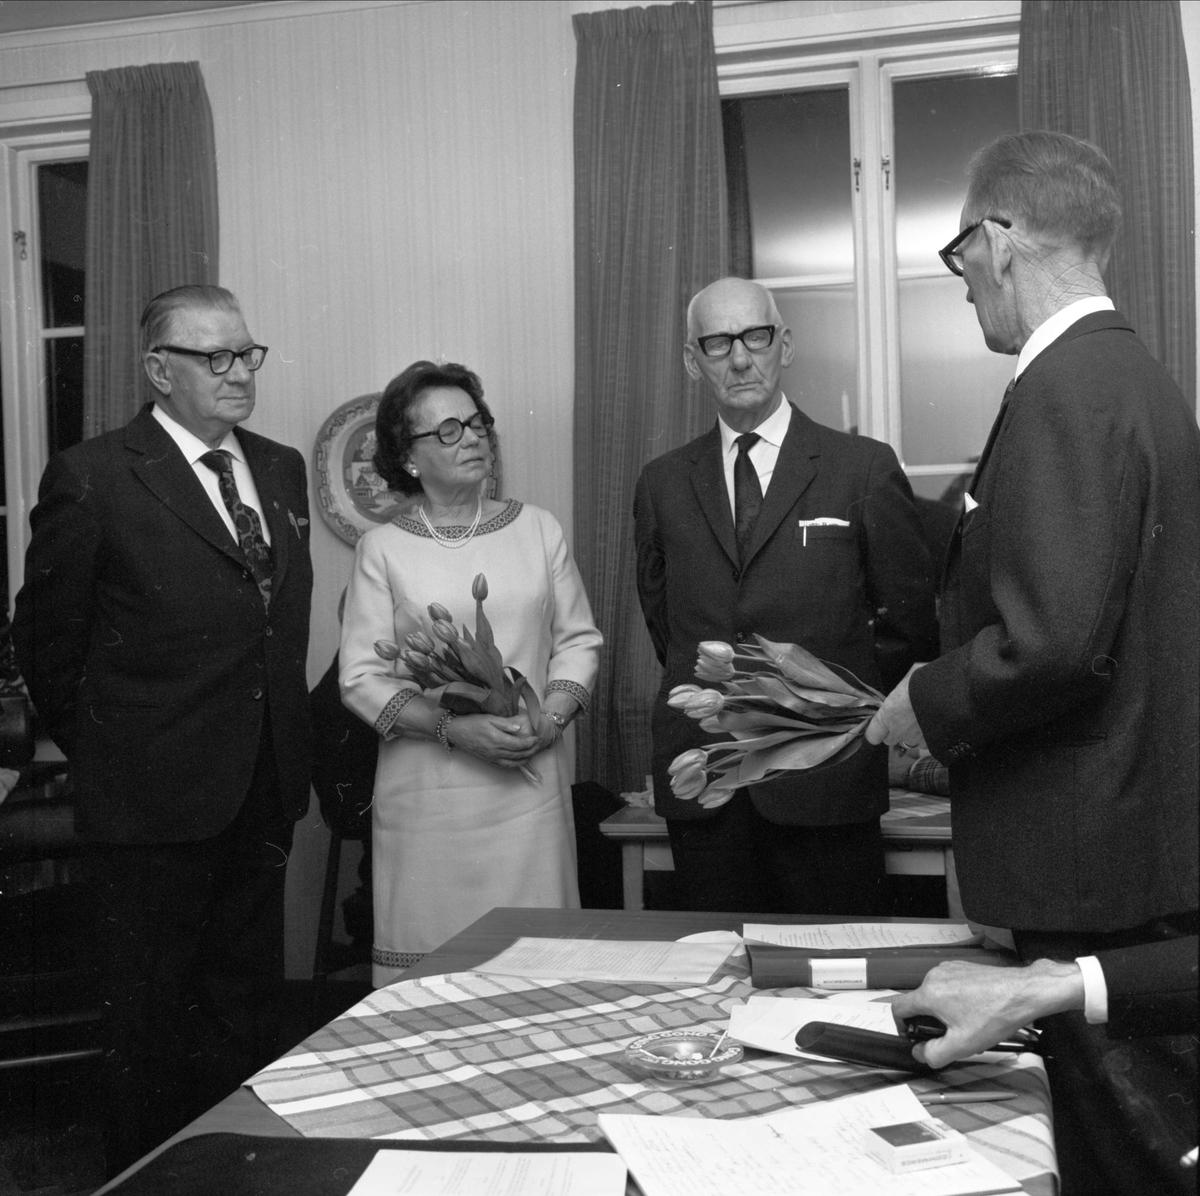 Uppvaktning - Söderfors hembygdsförening, Uppland 1973